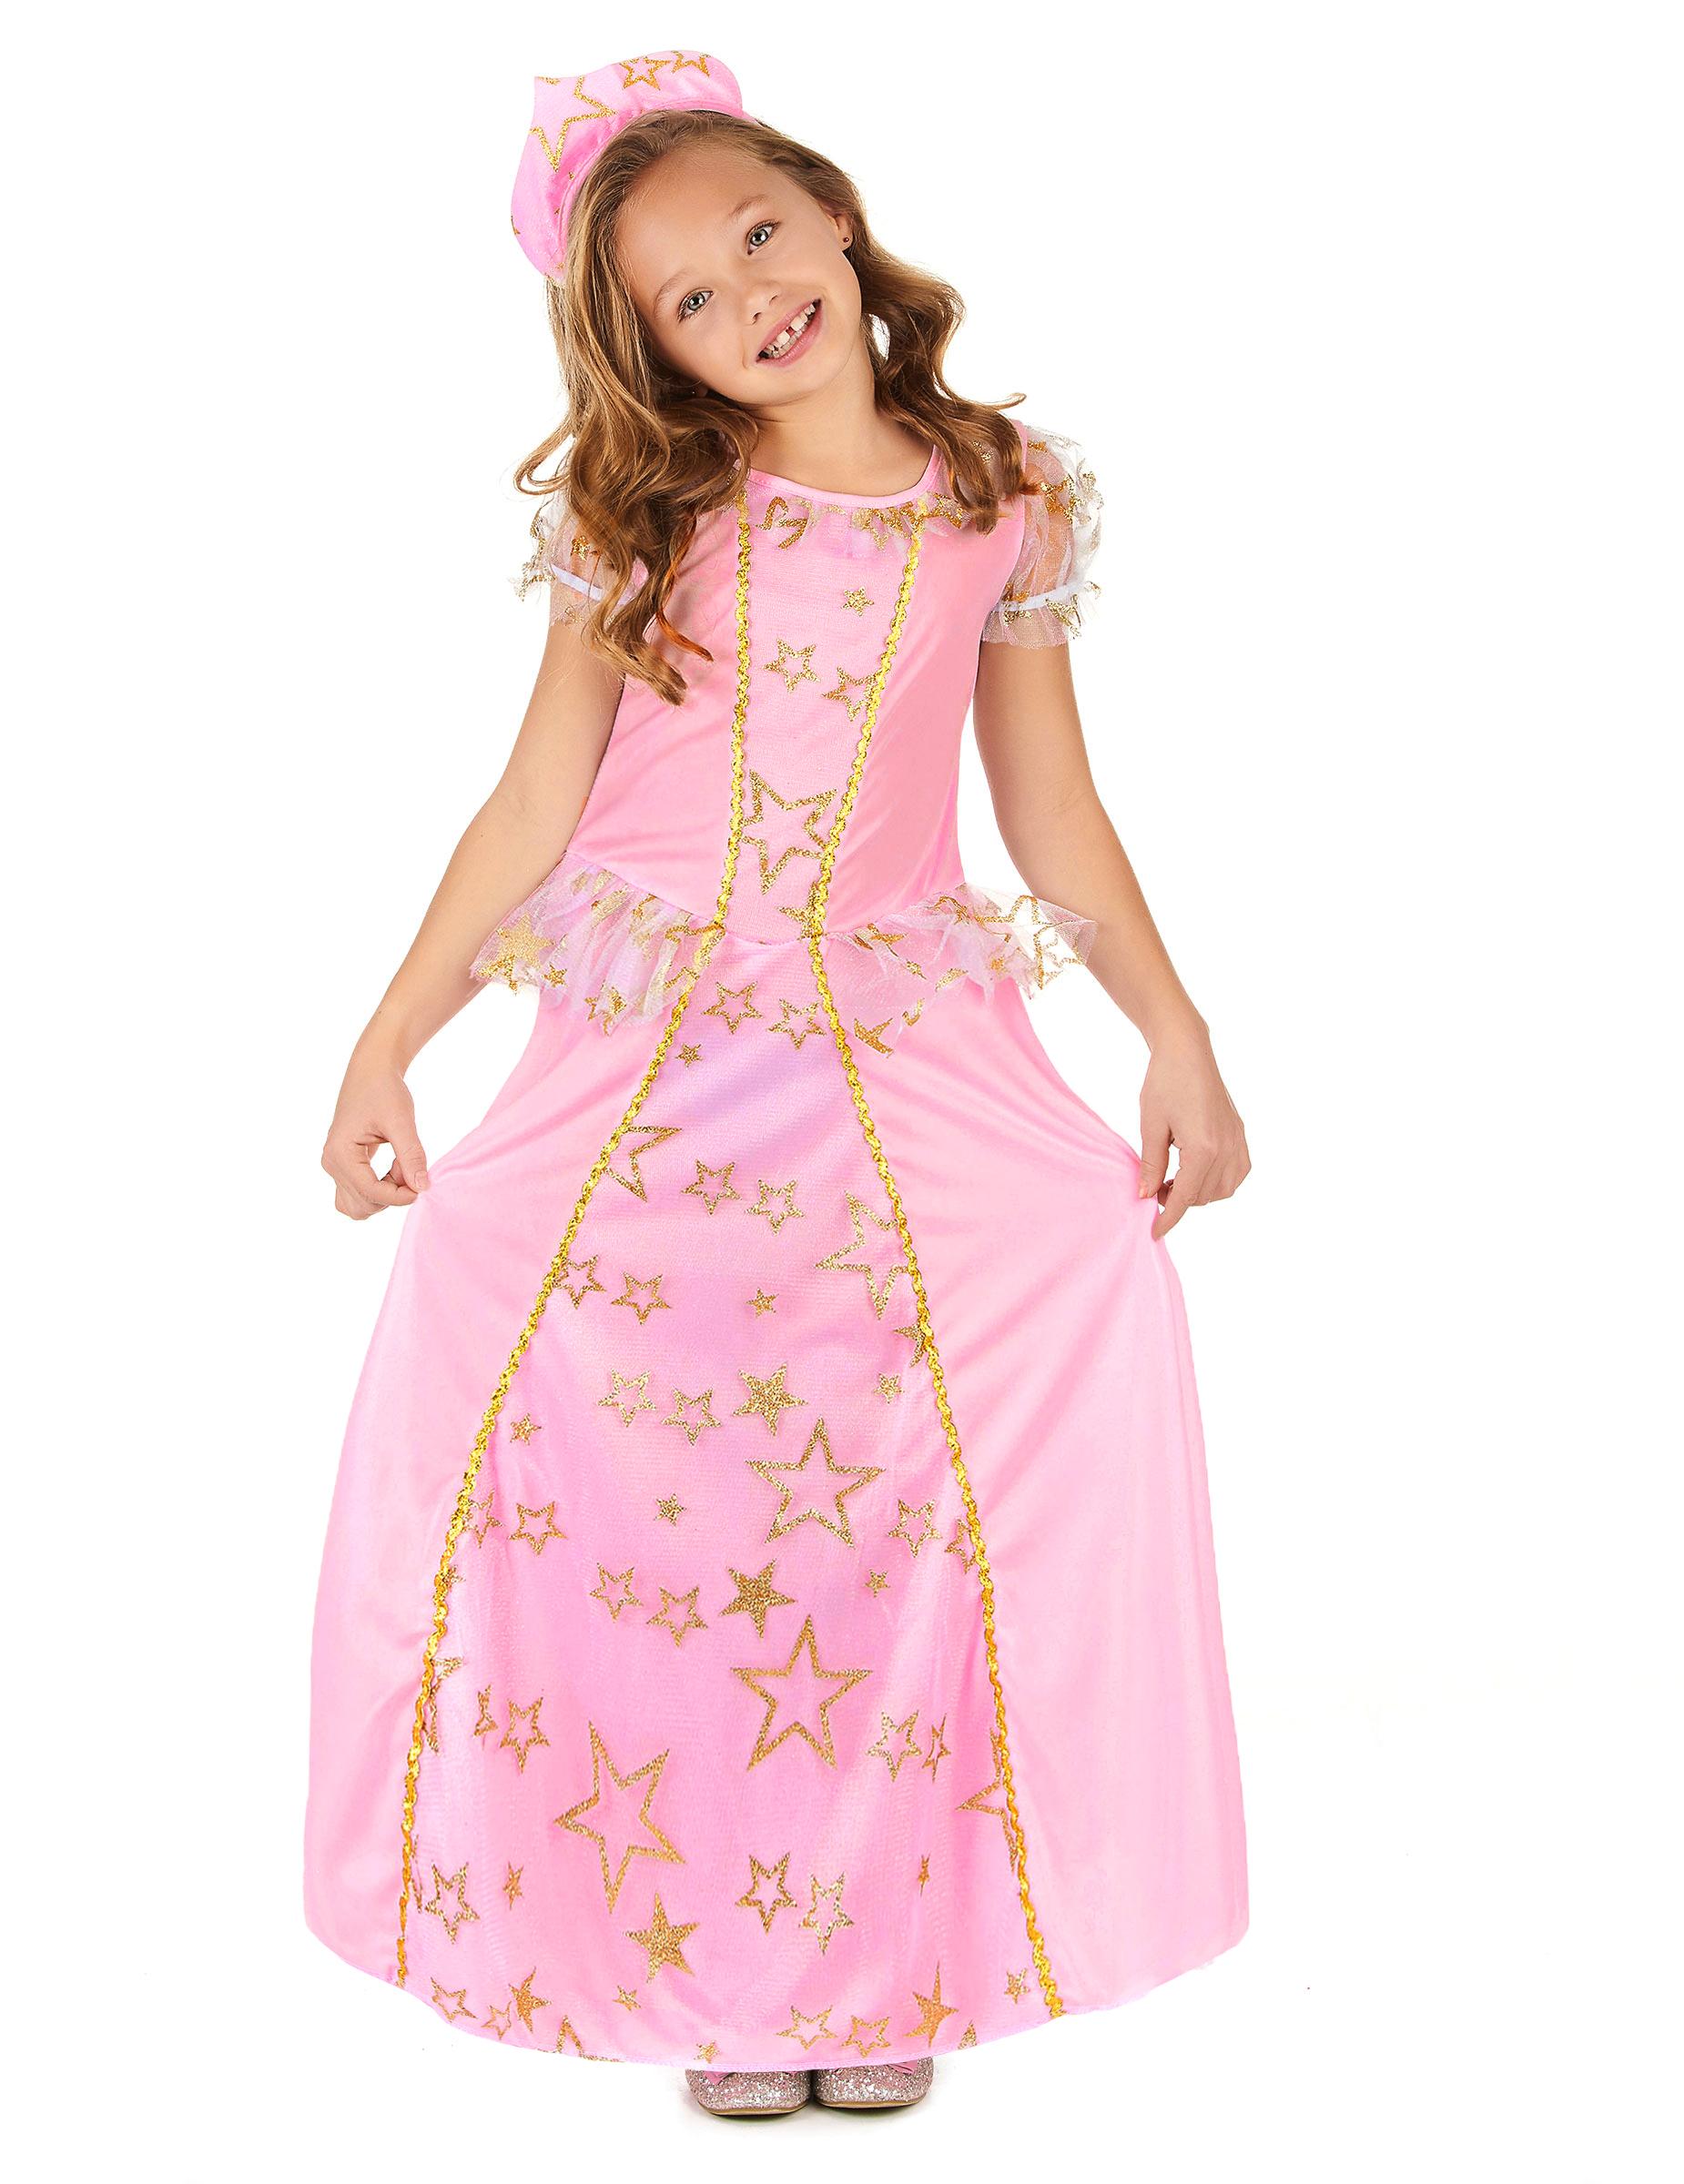 Mekko linnan juhliin Vaaleanpunainen prinsessamekko